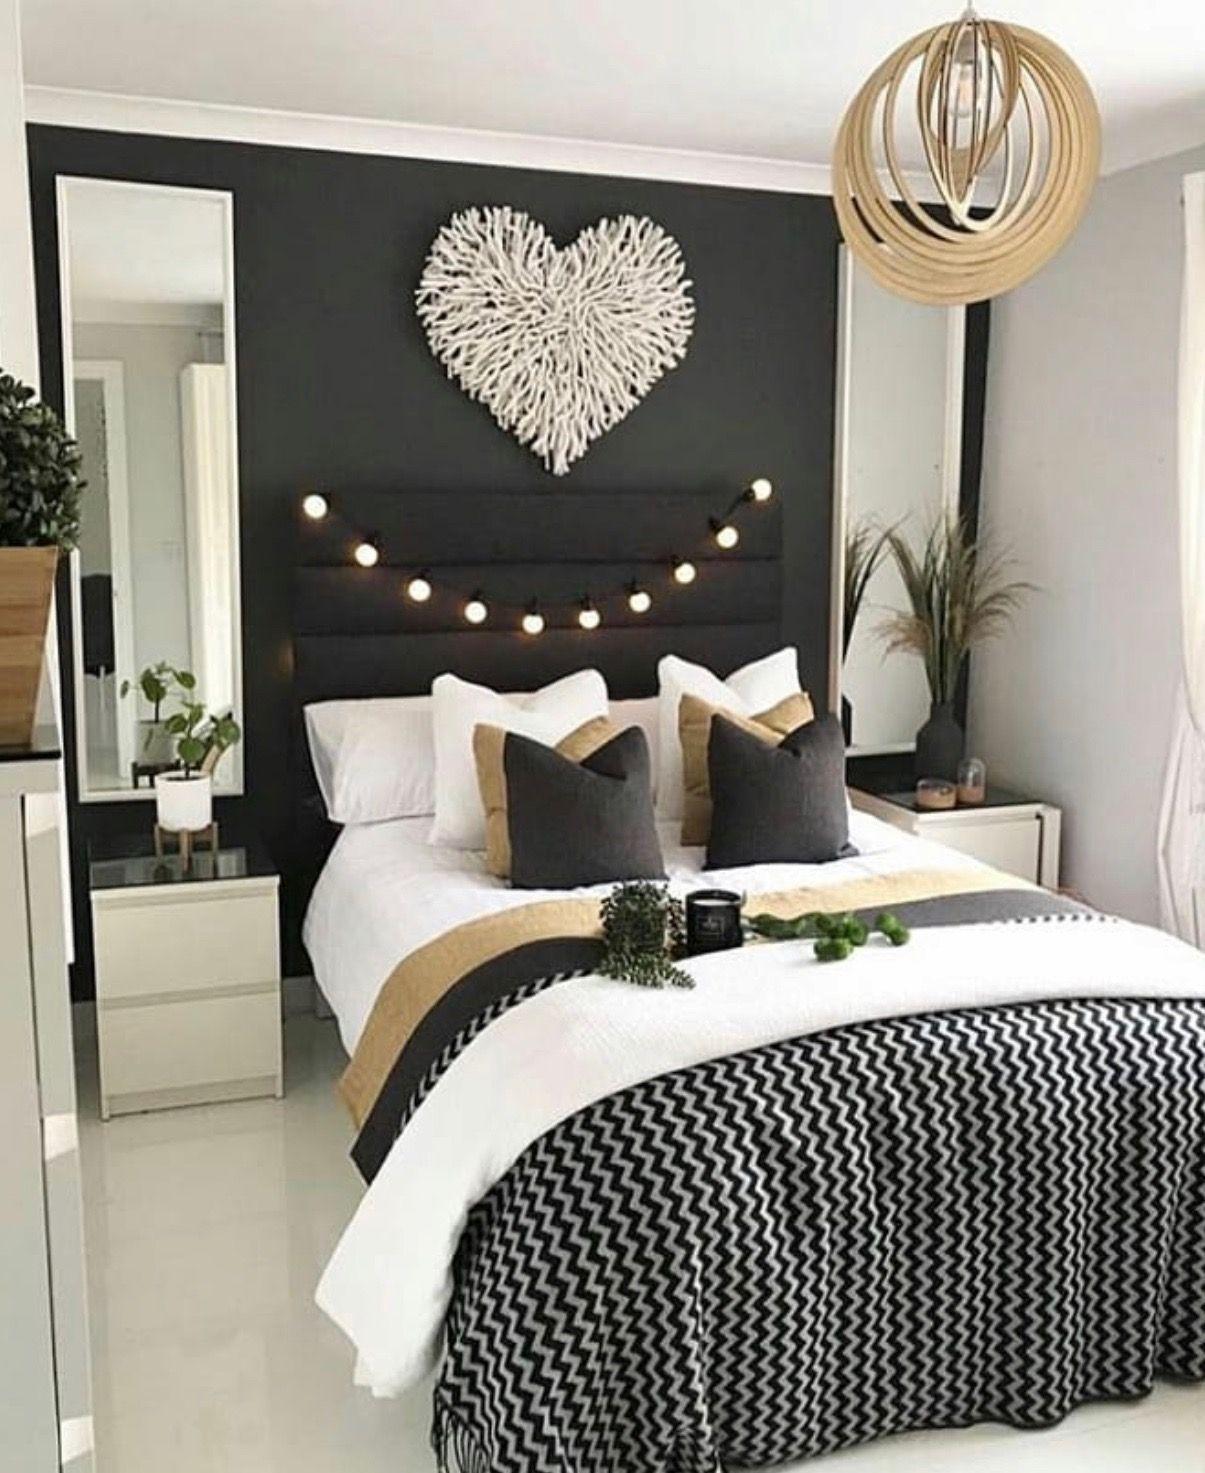 أفضل ديكورات غرف نوم صغيرة مودرن ديكورات غرف نوم بسيطة وجميلة